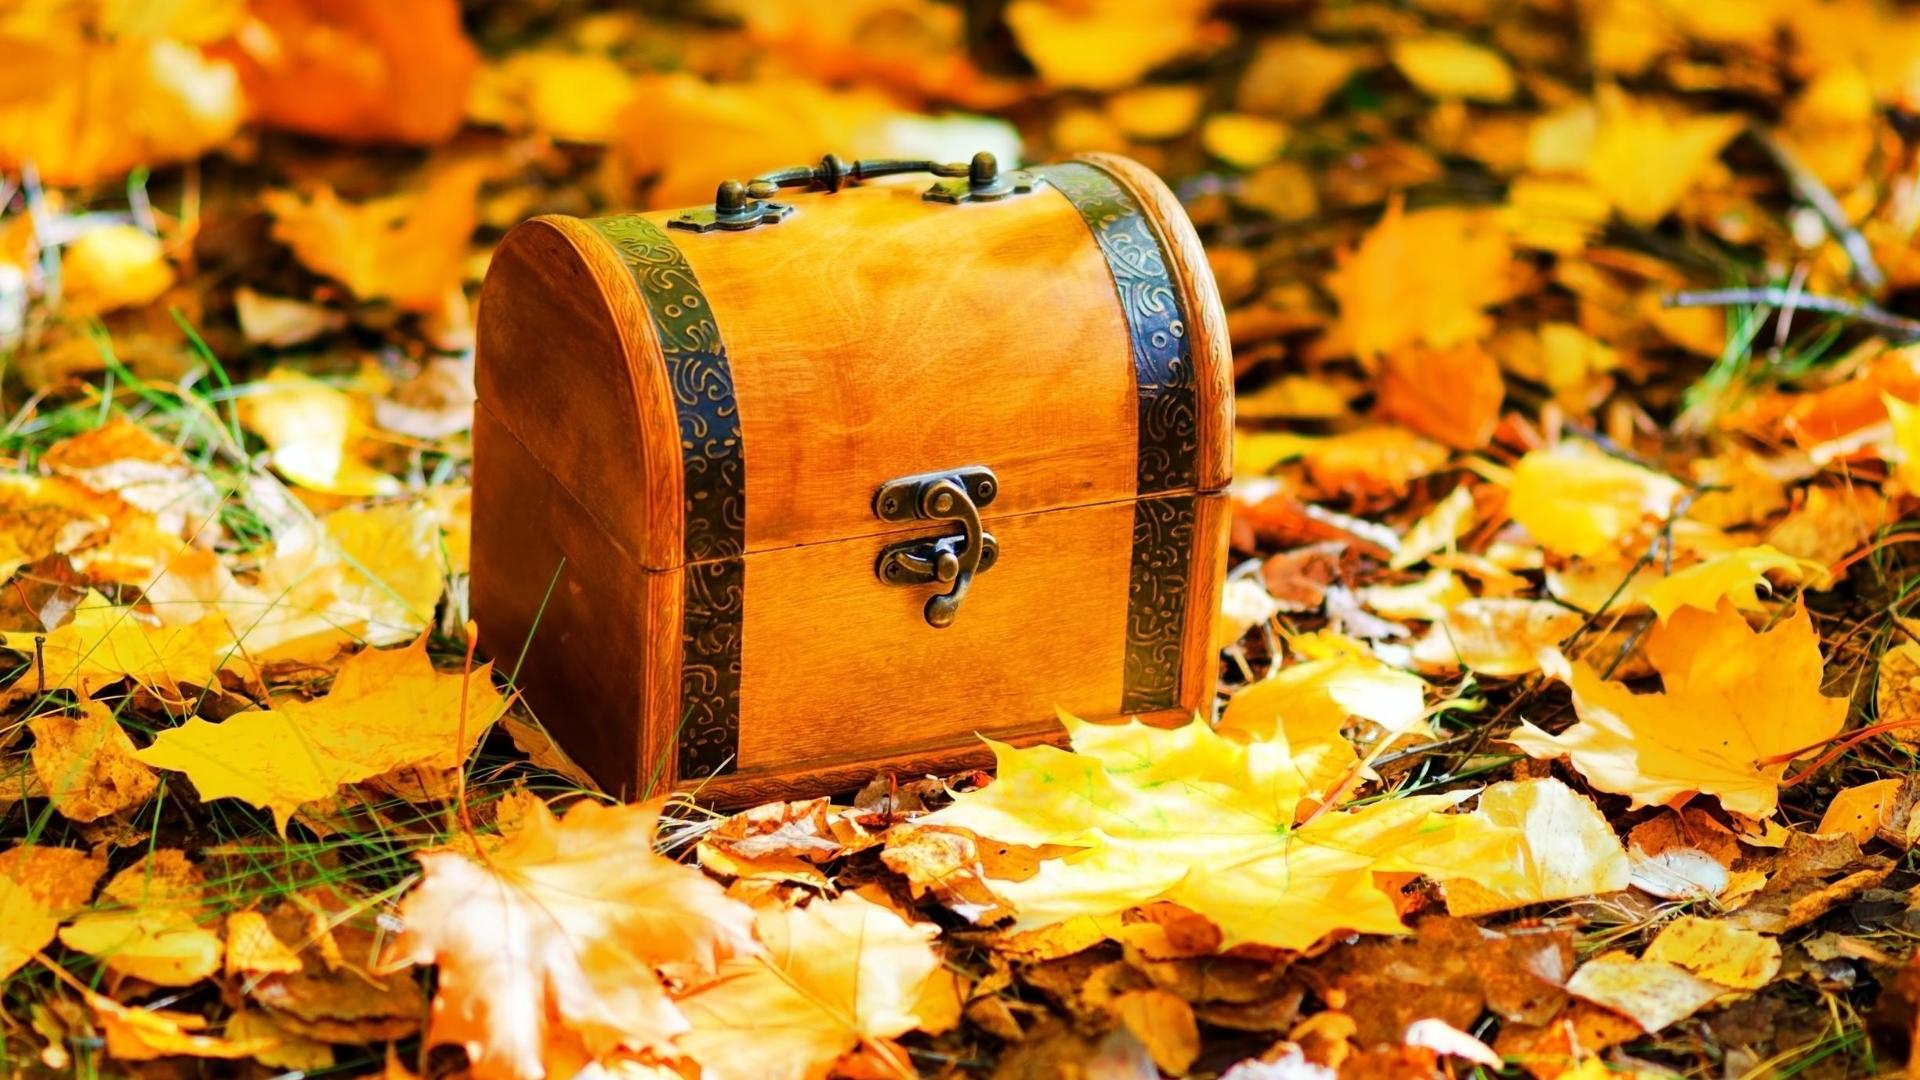 Обои на осень: 100 вдохновляющих фонов для рабочего стола – Canva